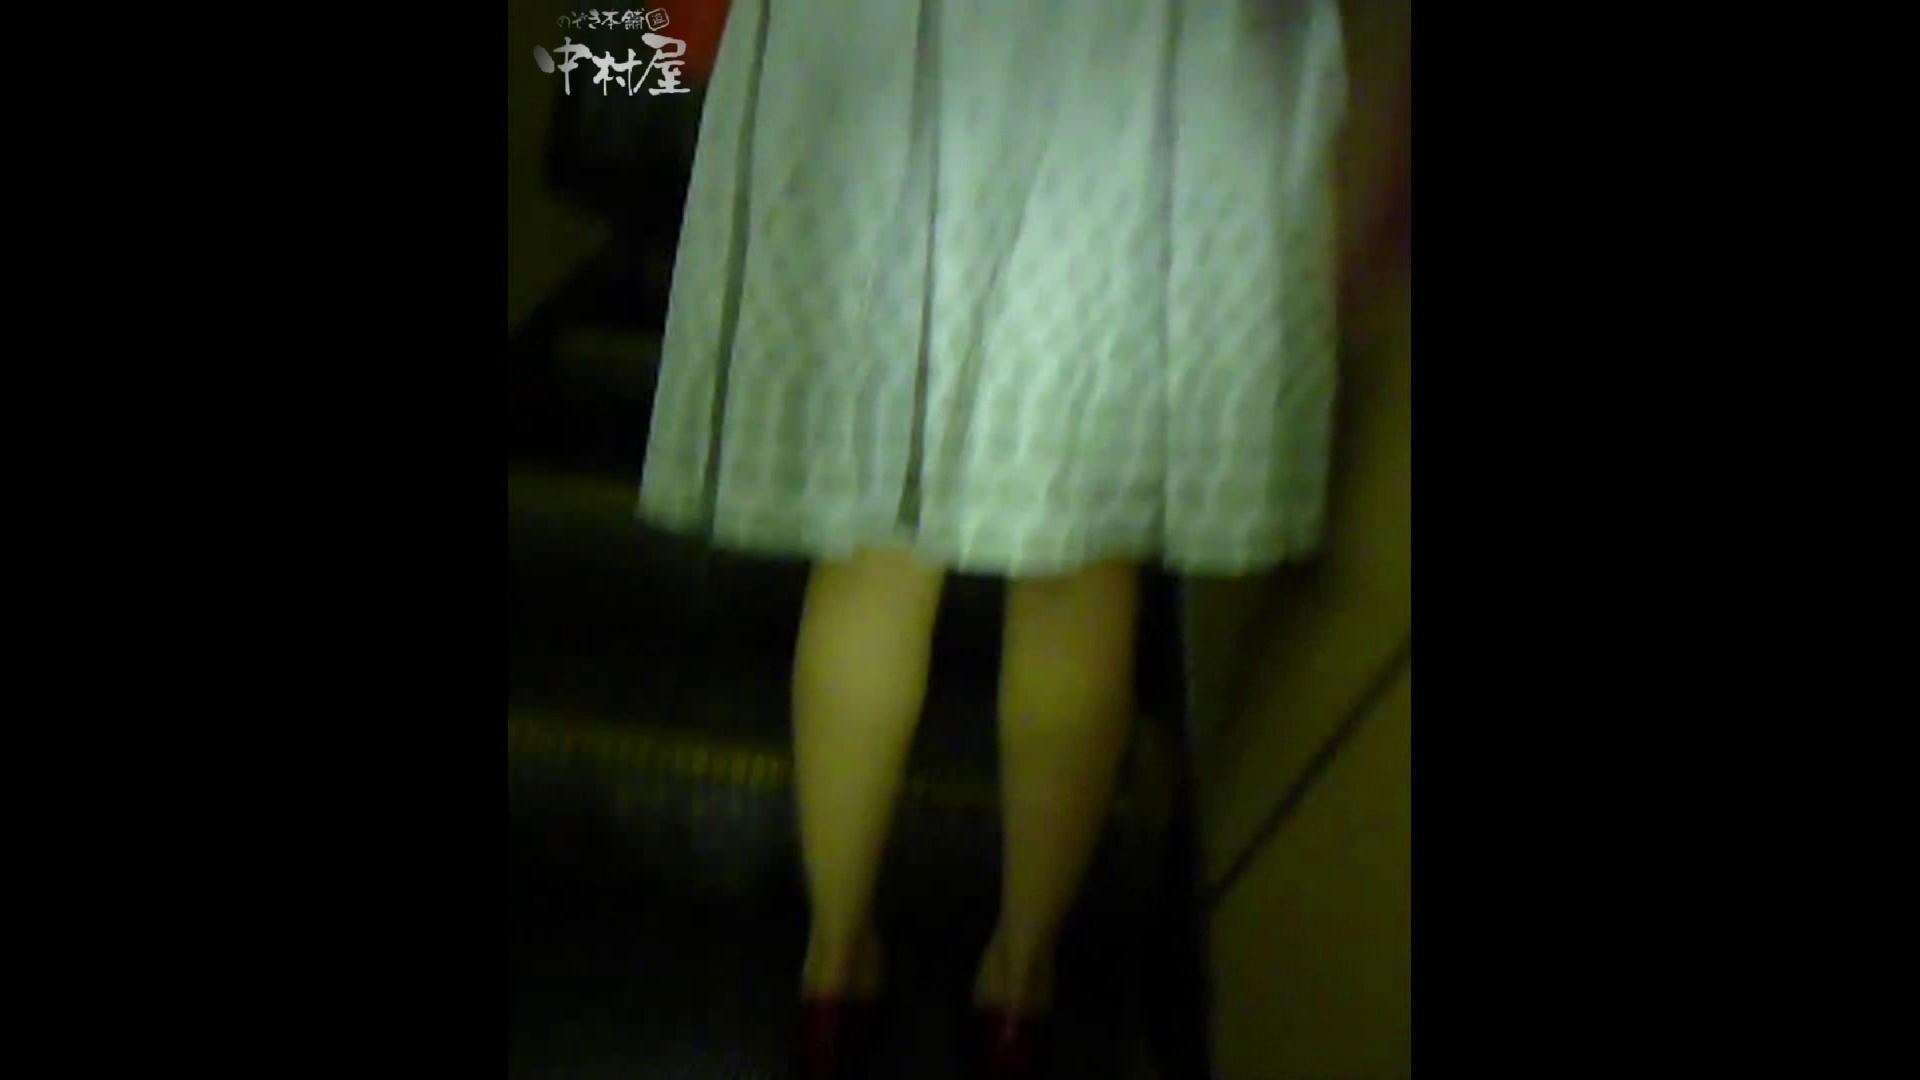 綺麗なモデルさんのスカート捲っちゃおう‼ vol15 モデルのエロ生活 濡れ場動画紹介 79連発 62